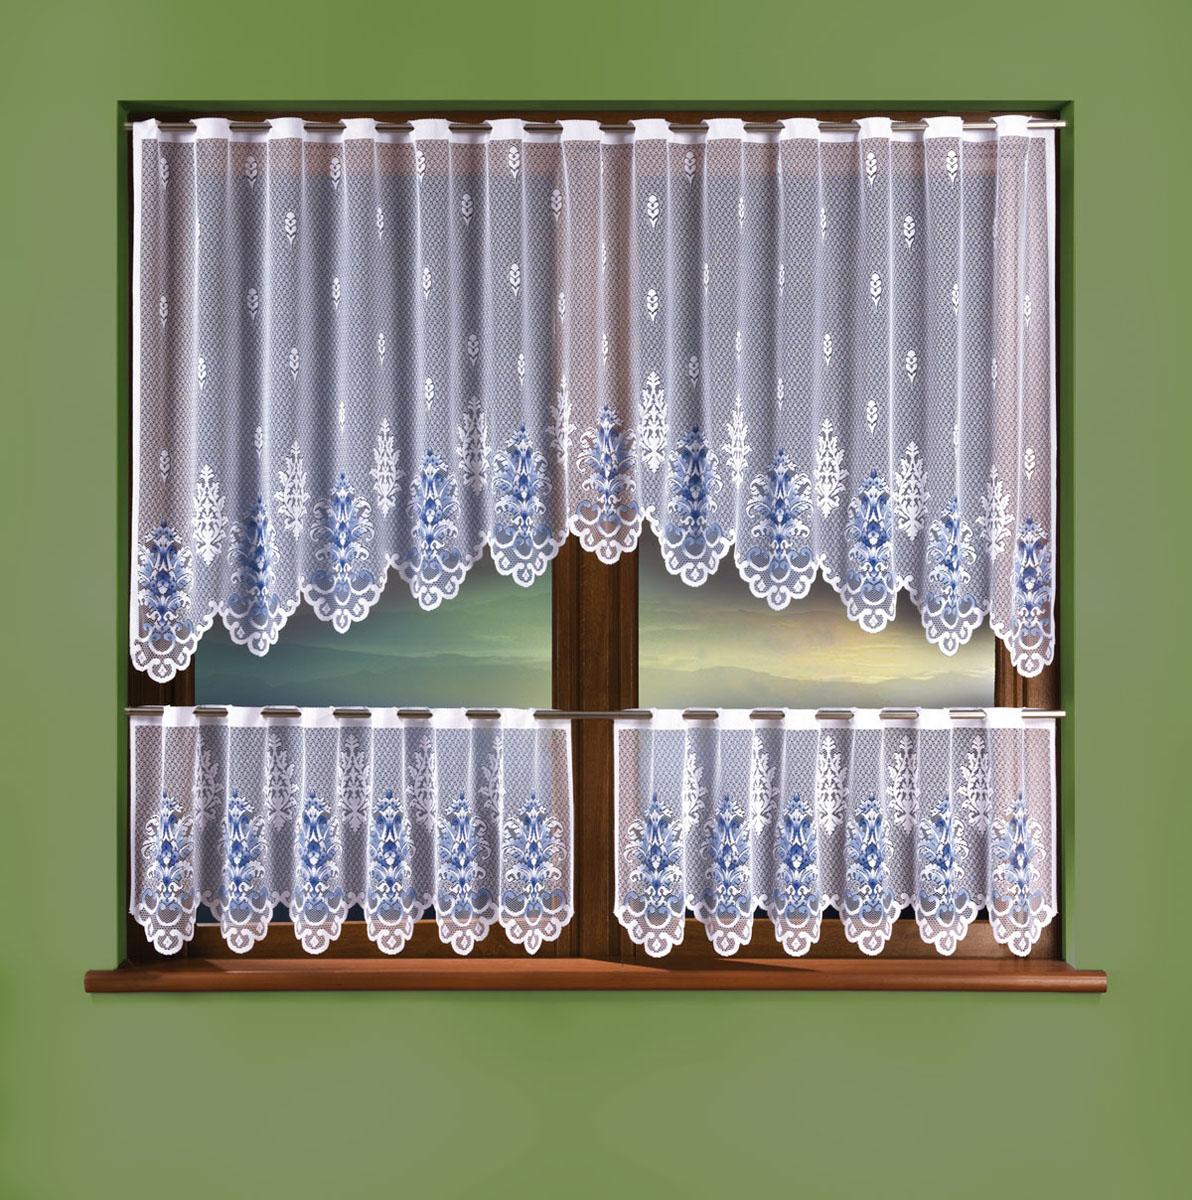 Комплект штор Wisan, цвет: белый, высота 50 см3325Комплект штор для кухни, крепление зажимы для штор. Размеры: 240*90+ (130*50)*2